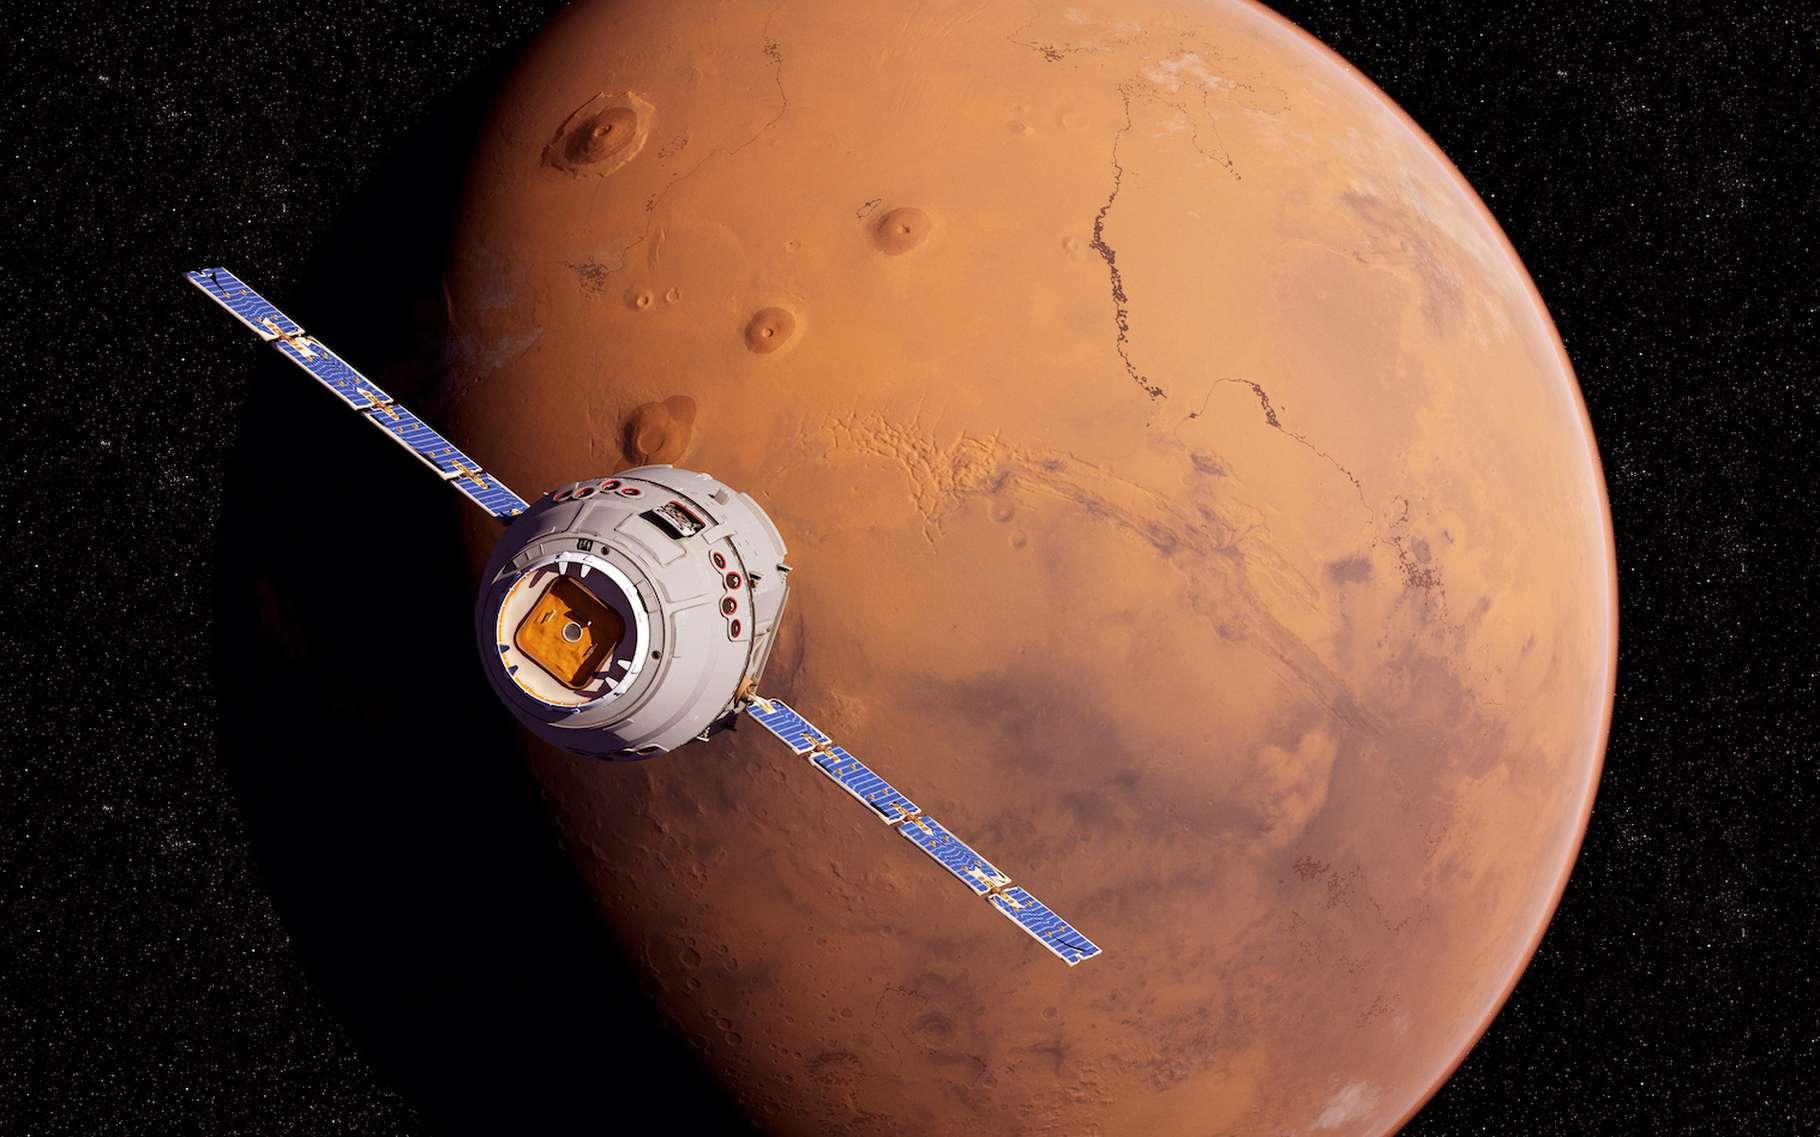 La planète Mars est l'un des objectifs privilégiés de l'exploration spatiale. © SciePro, Adobe Stock